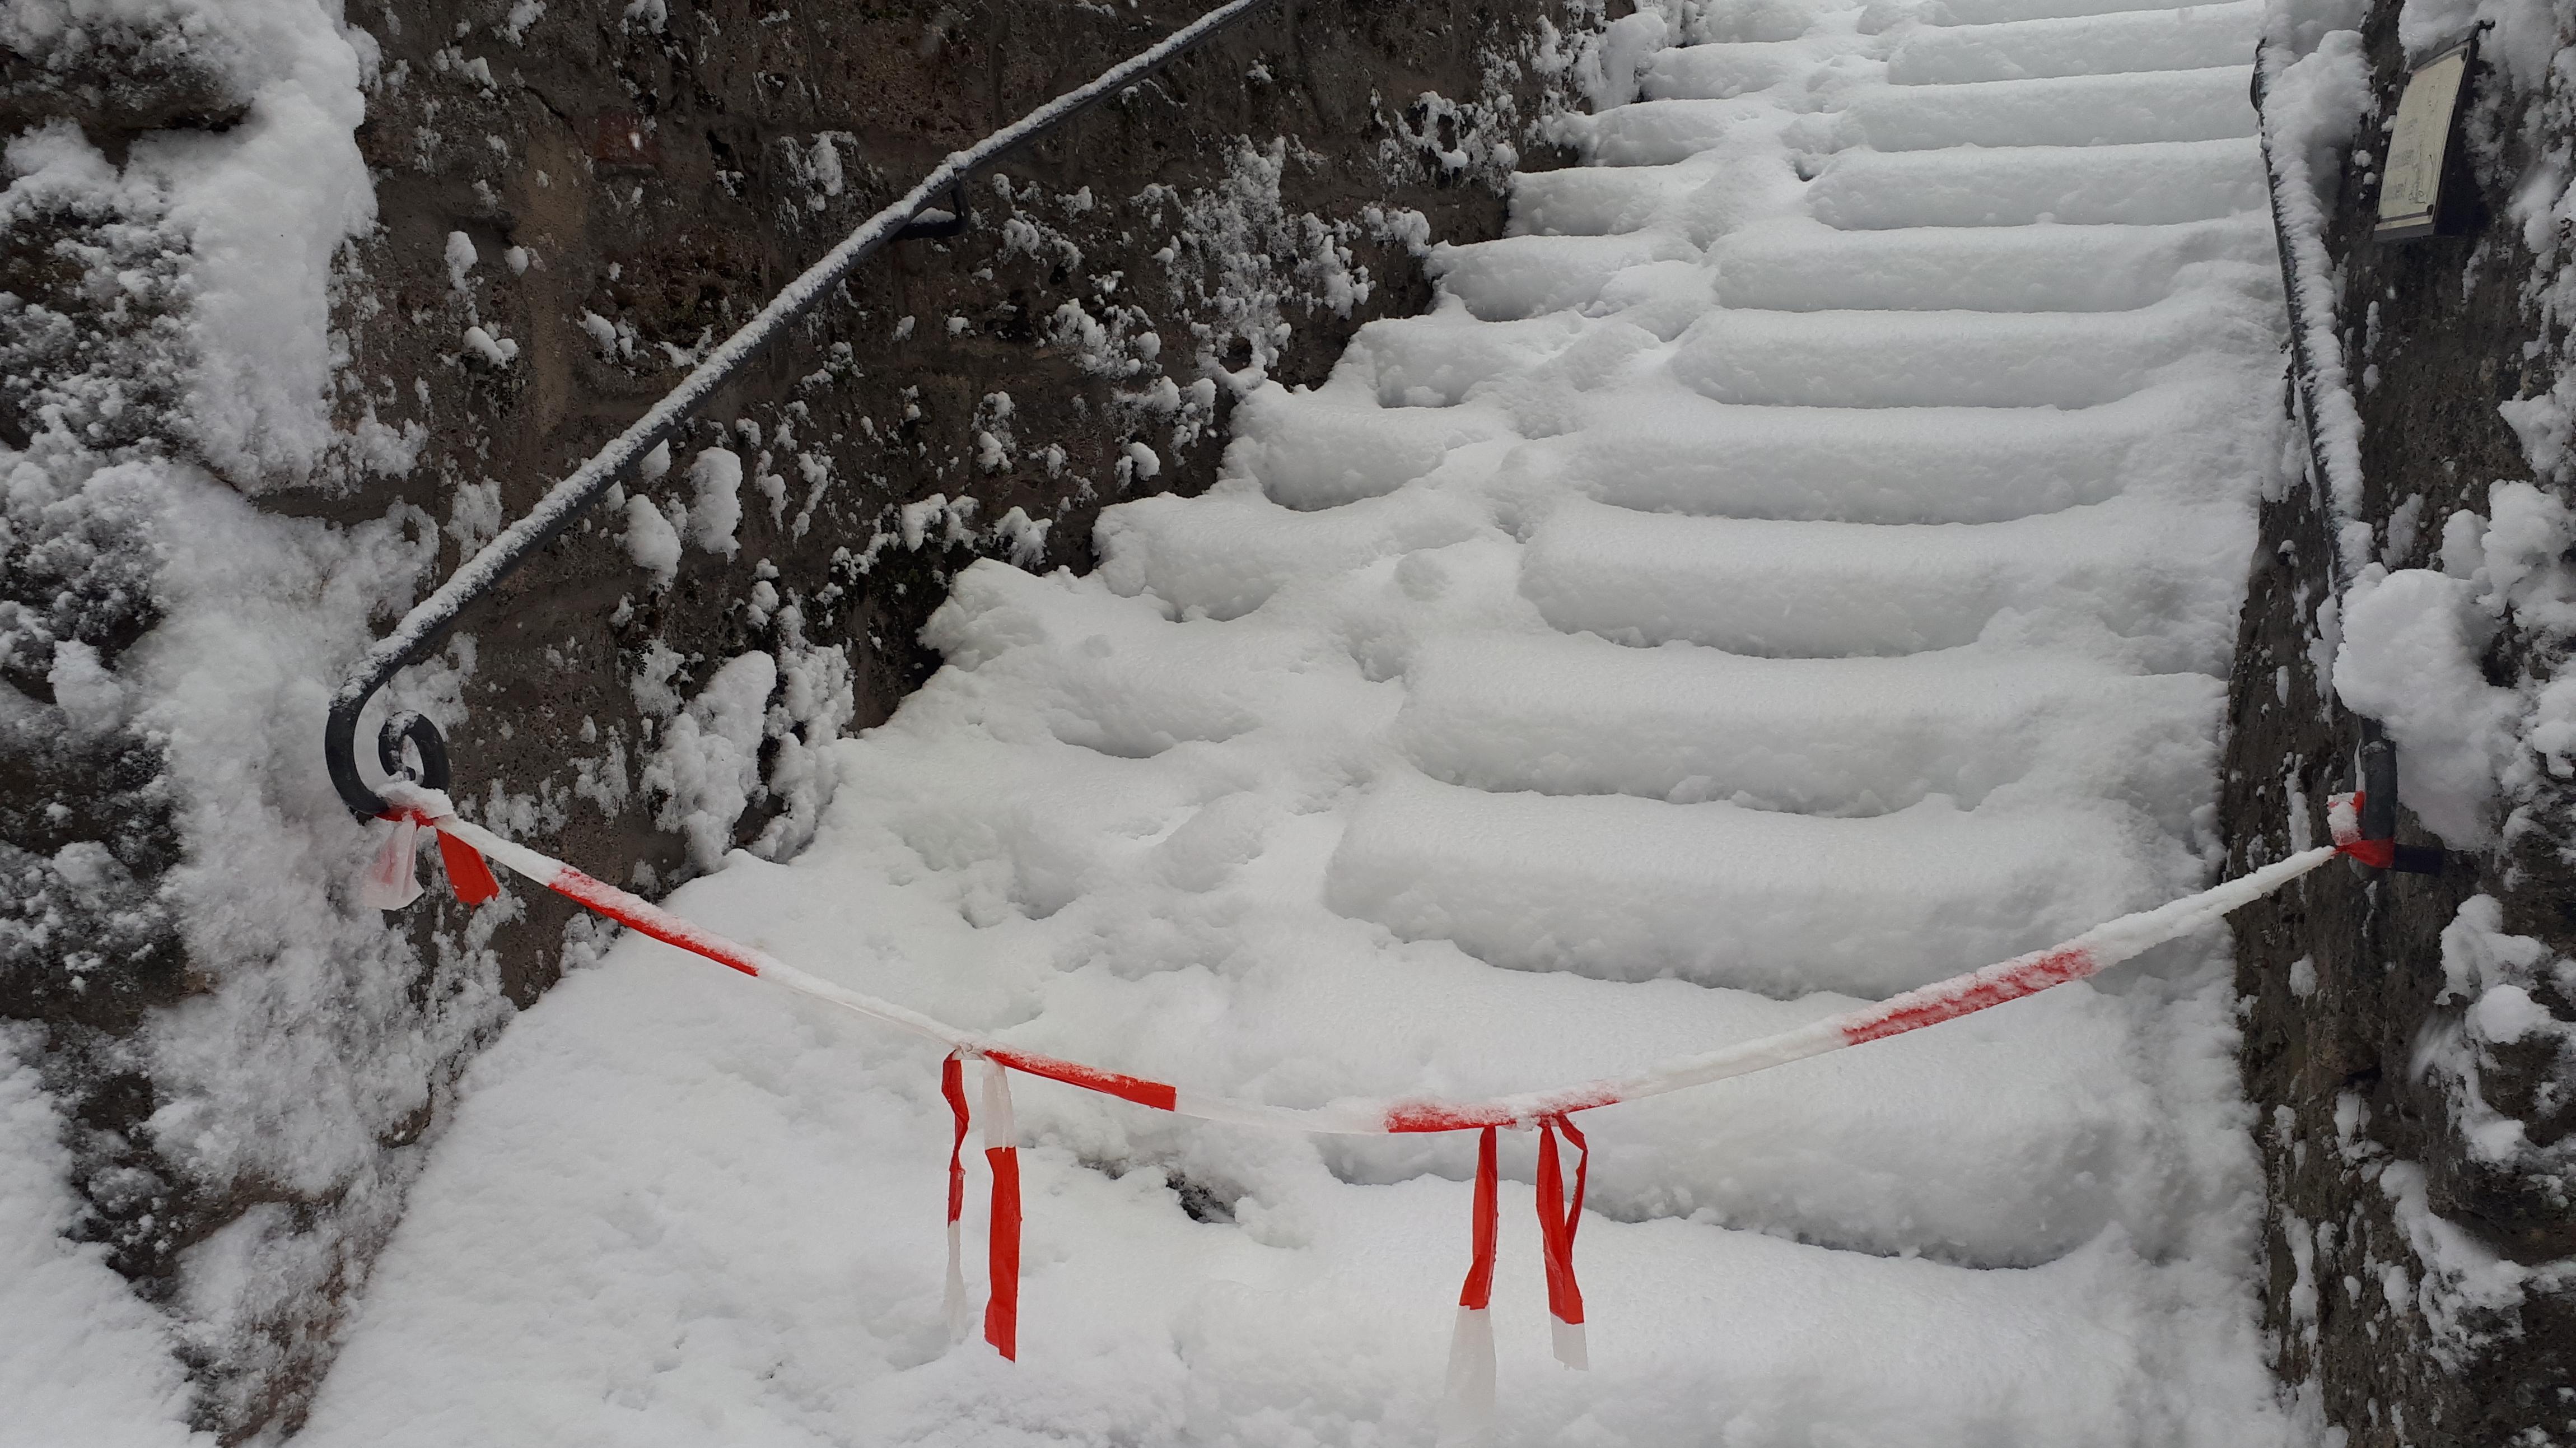 Verschneite Treppe am Tegernsee im Landkreis Miesbach